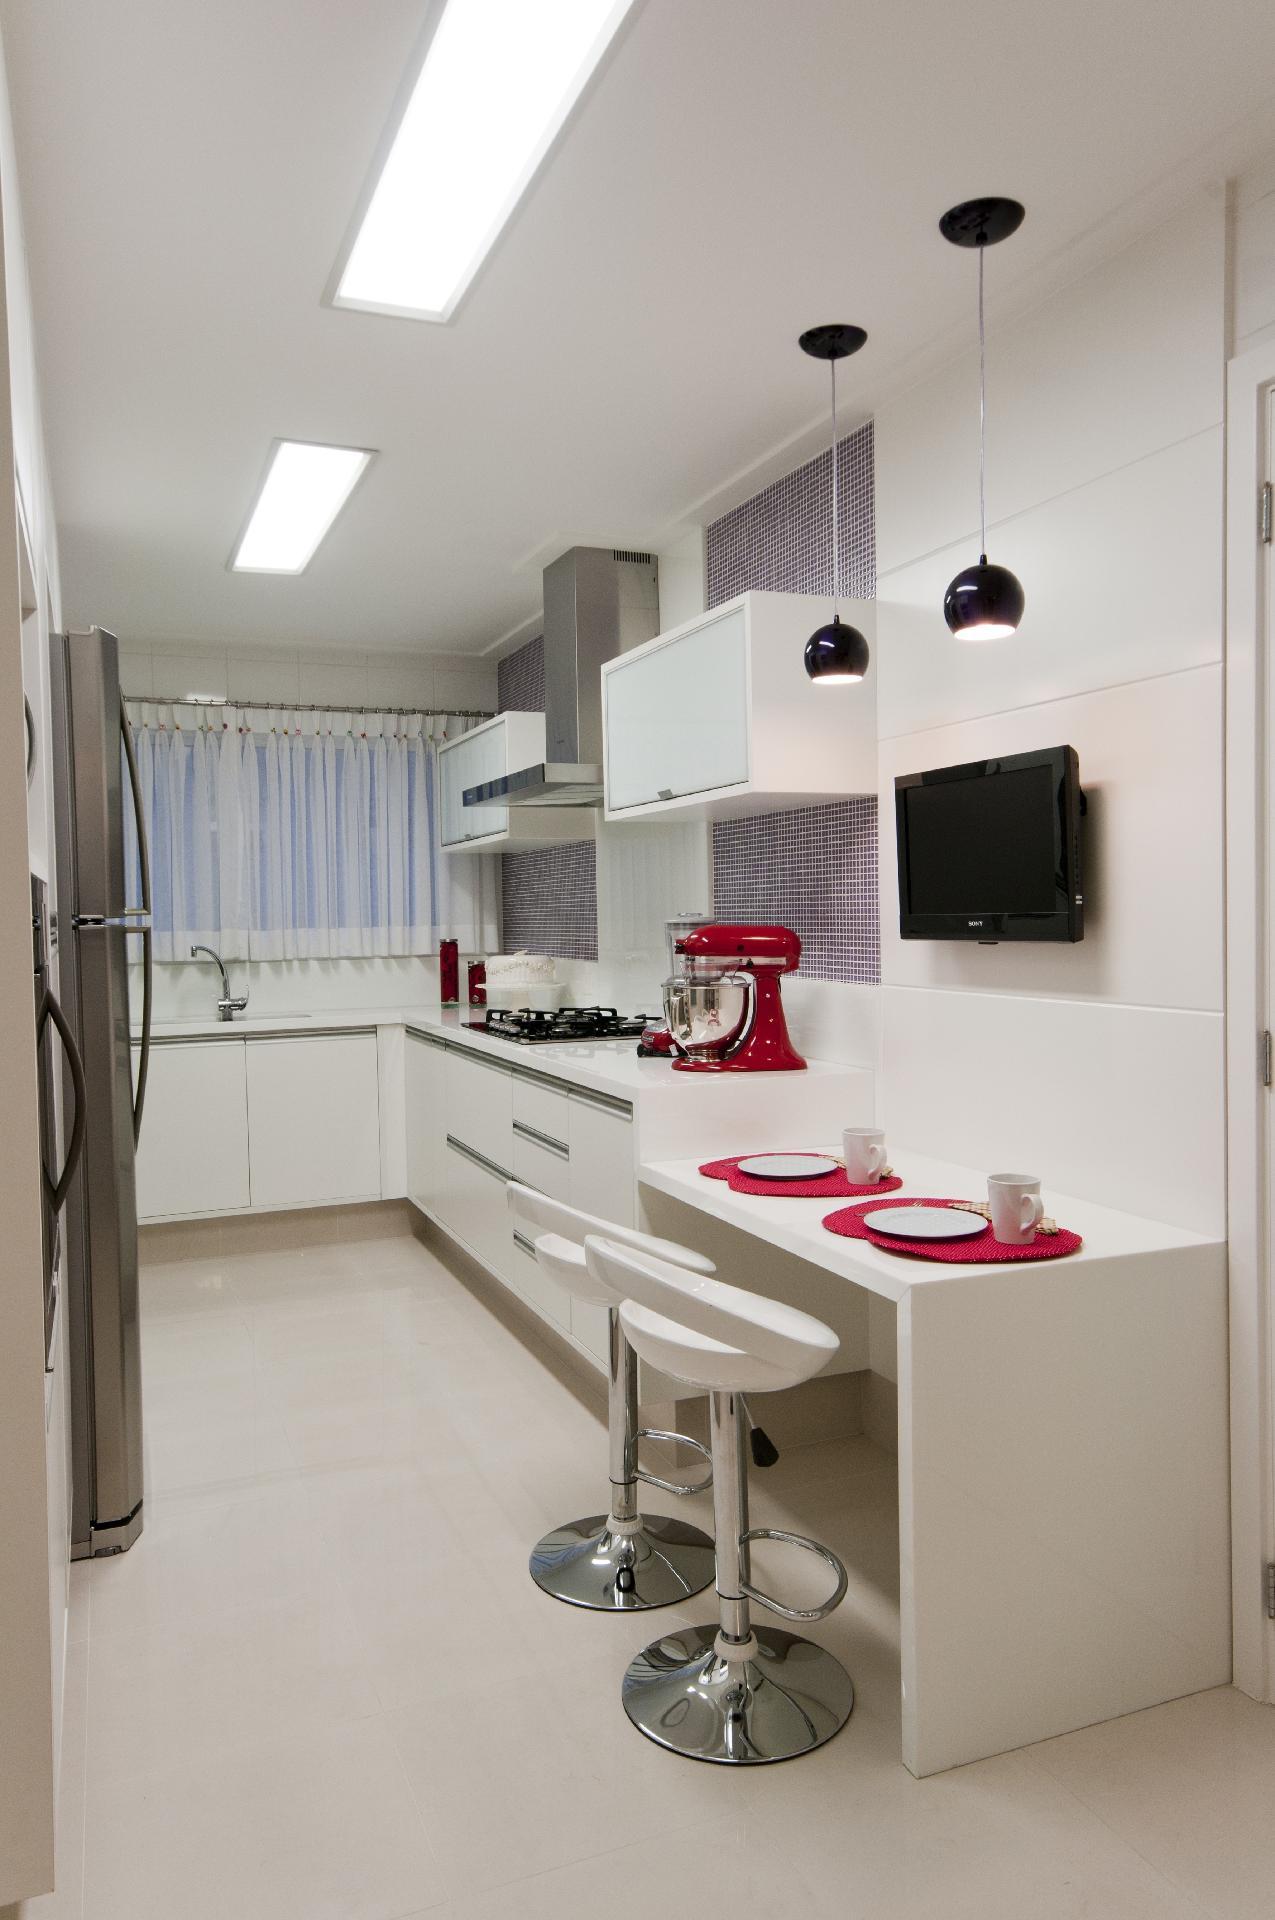 para construir ou reformar a cozinha de casa BOL Fotos BOL Fotos #AD1E3E 1275 1920